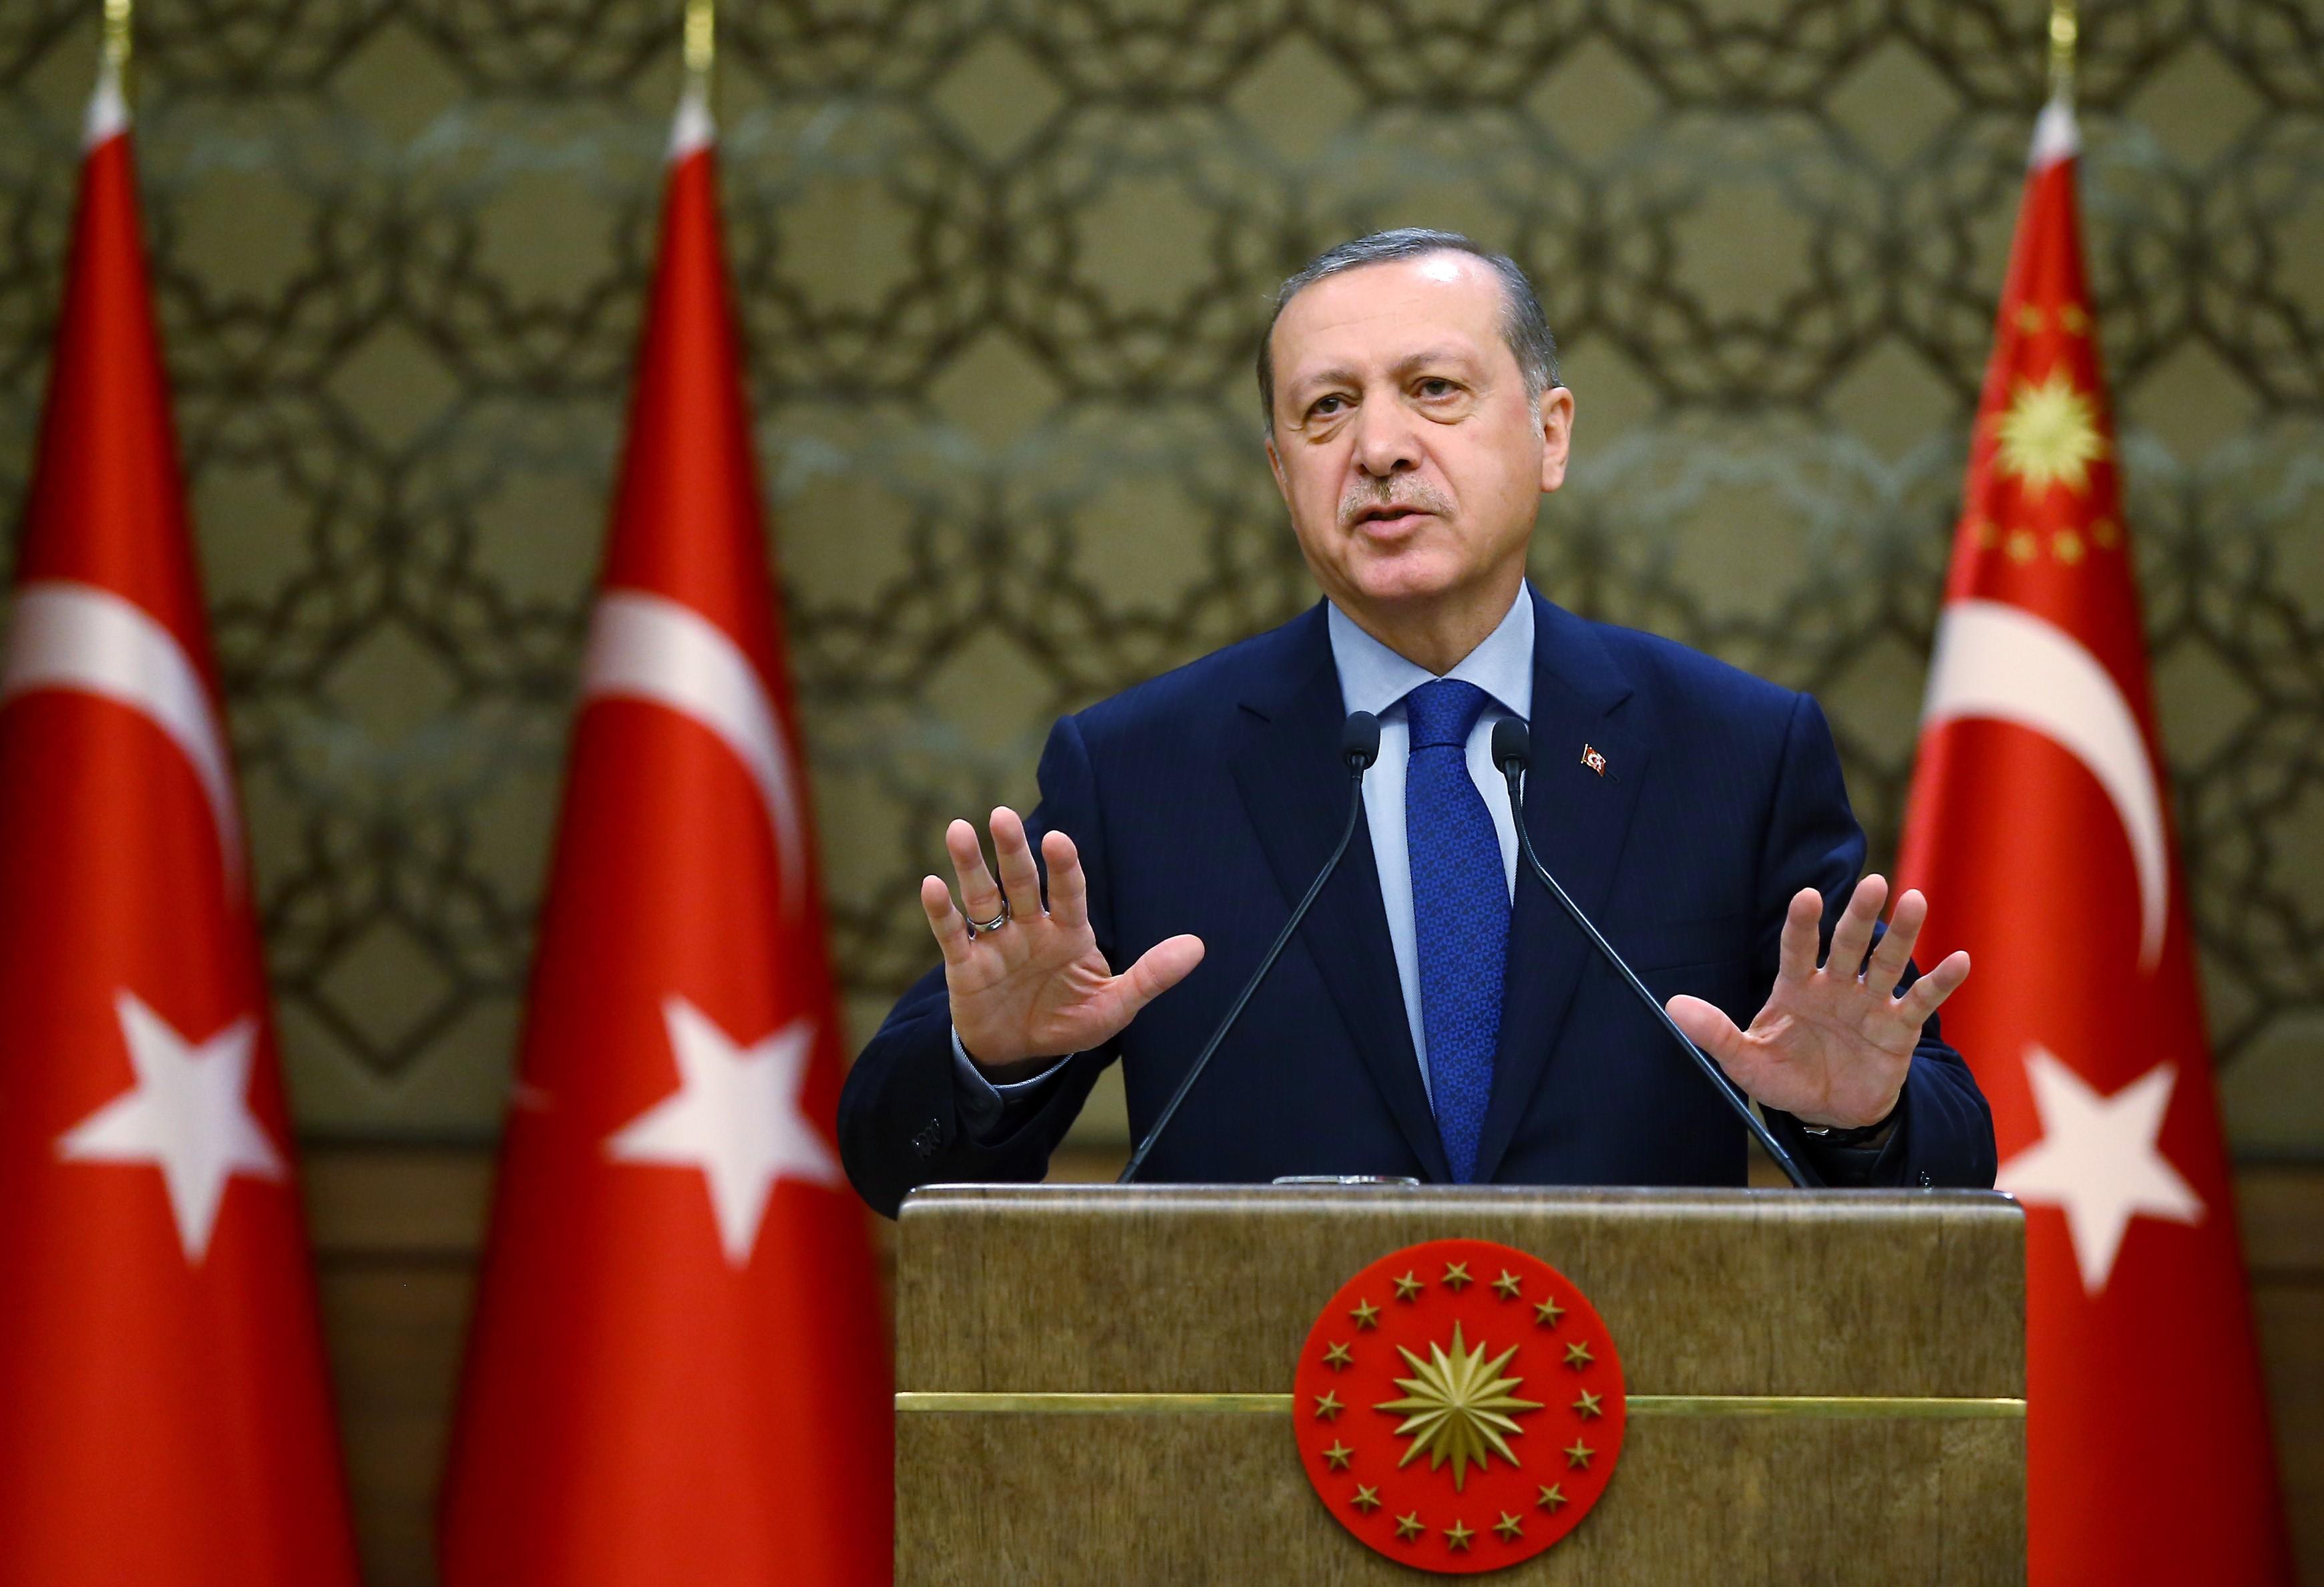 Erdogan beszólt egy török újság cikke miatt, másnap kirúgták a főszerkesztőt